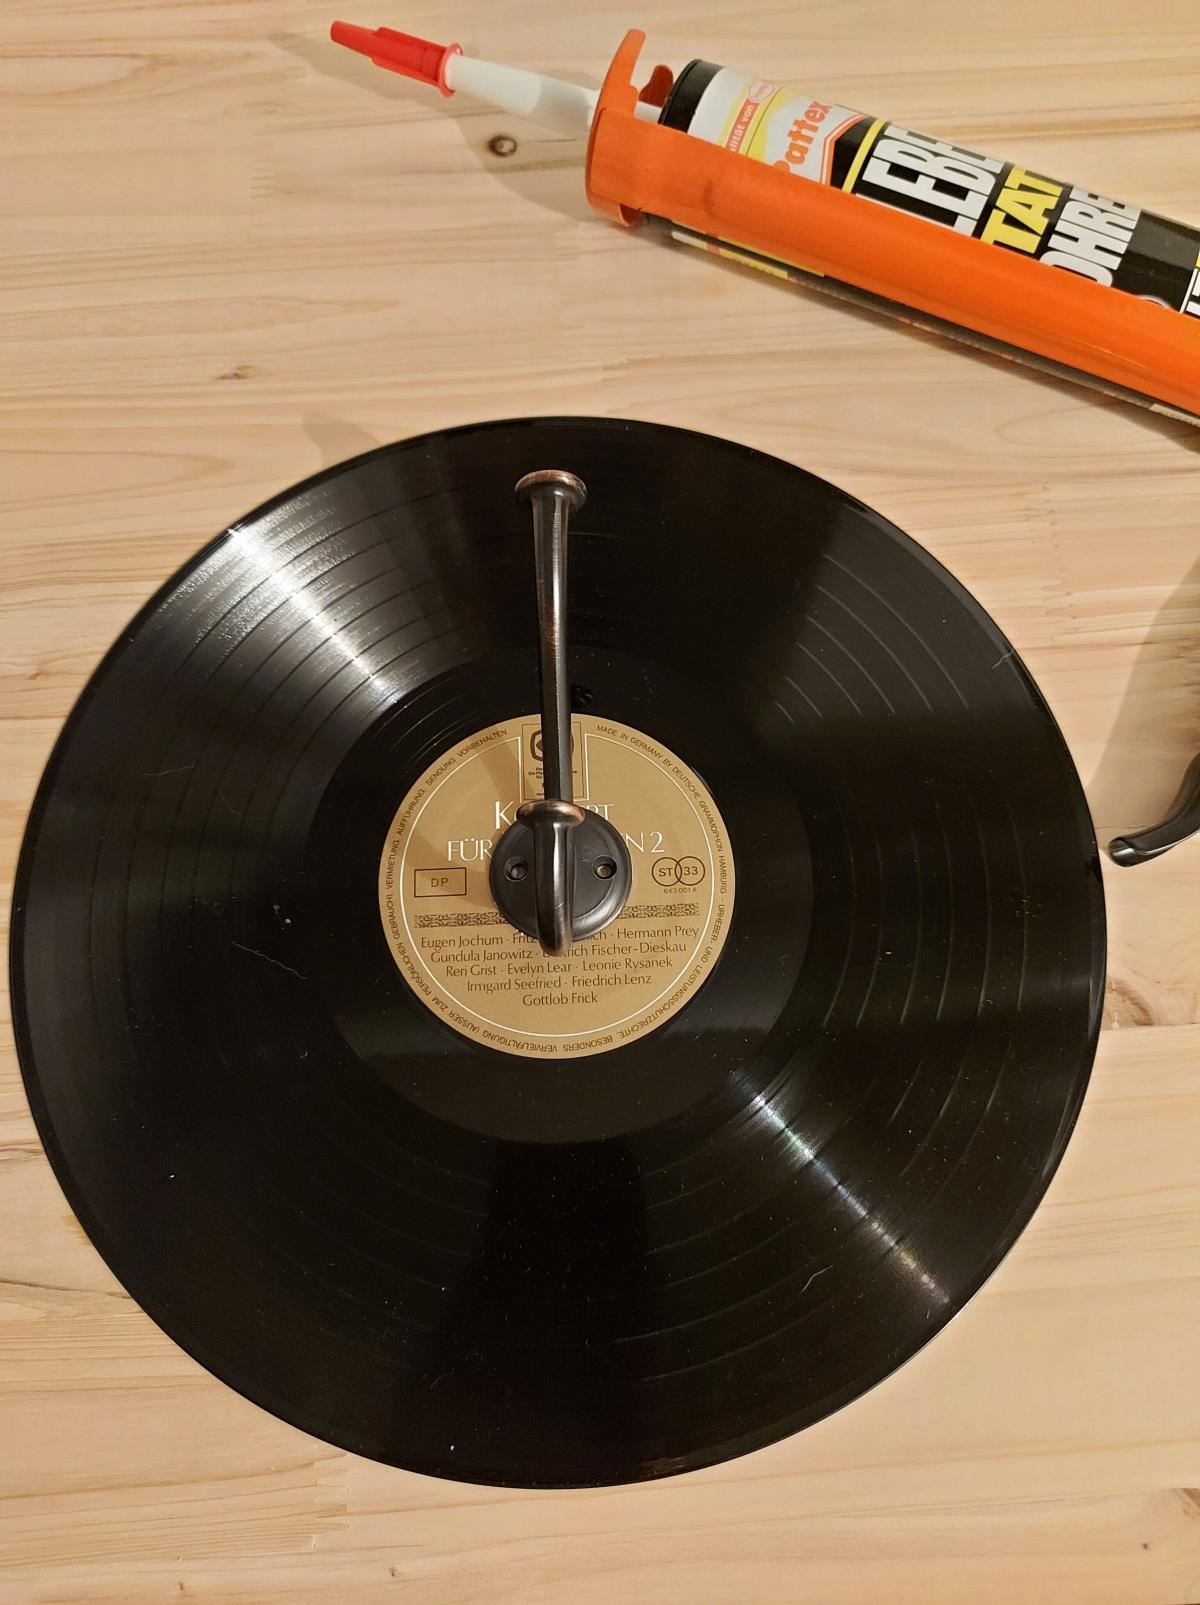 Eine Schallplatte wird zumKleiderhaken